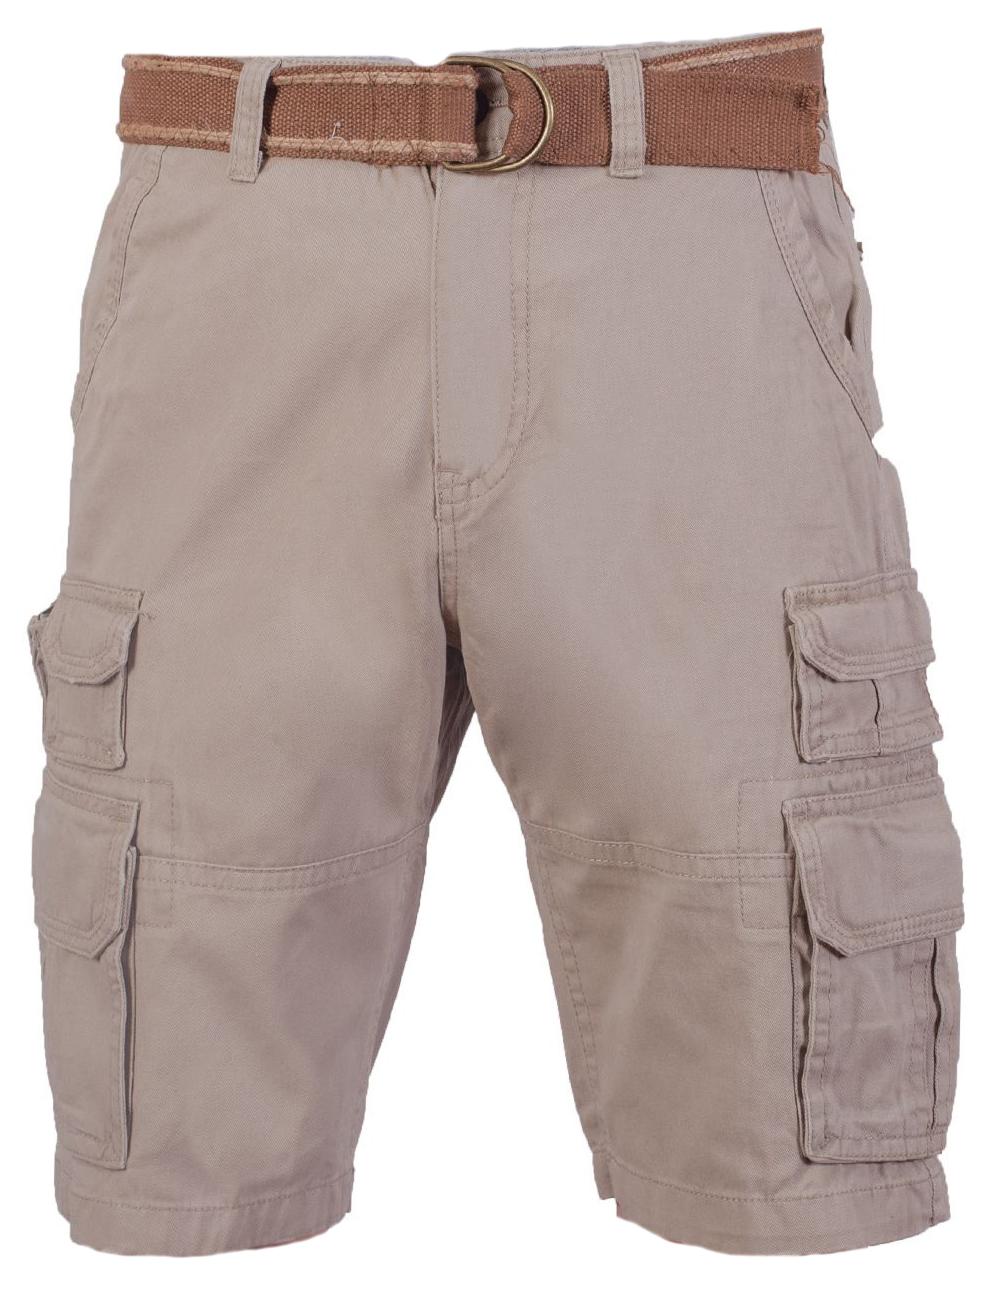 Мужская летняя одежда со скидками